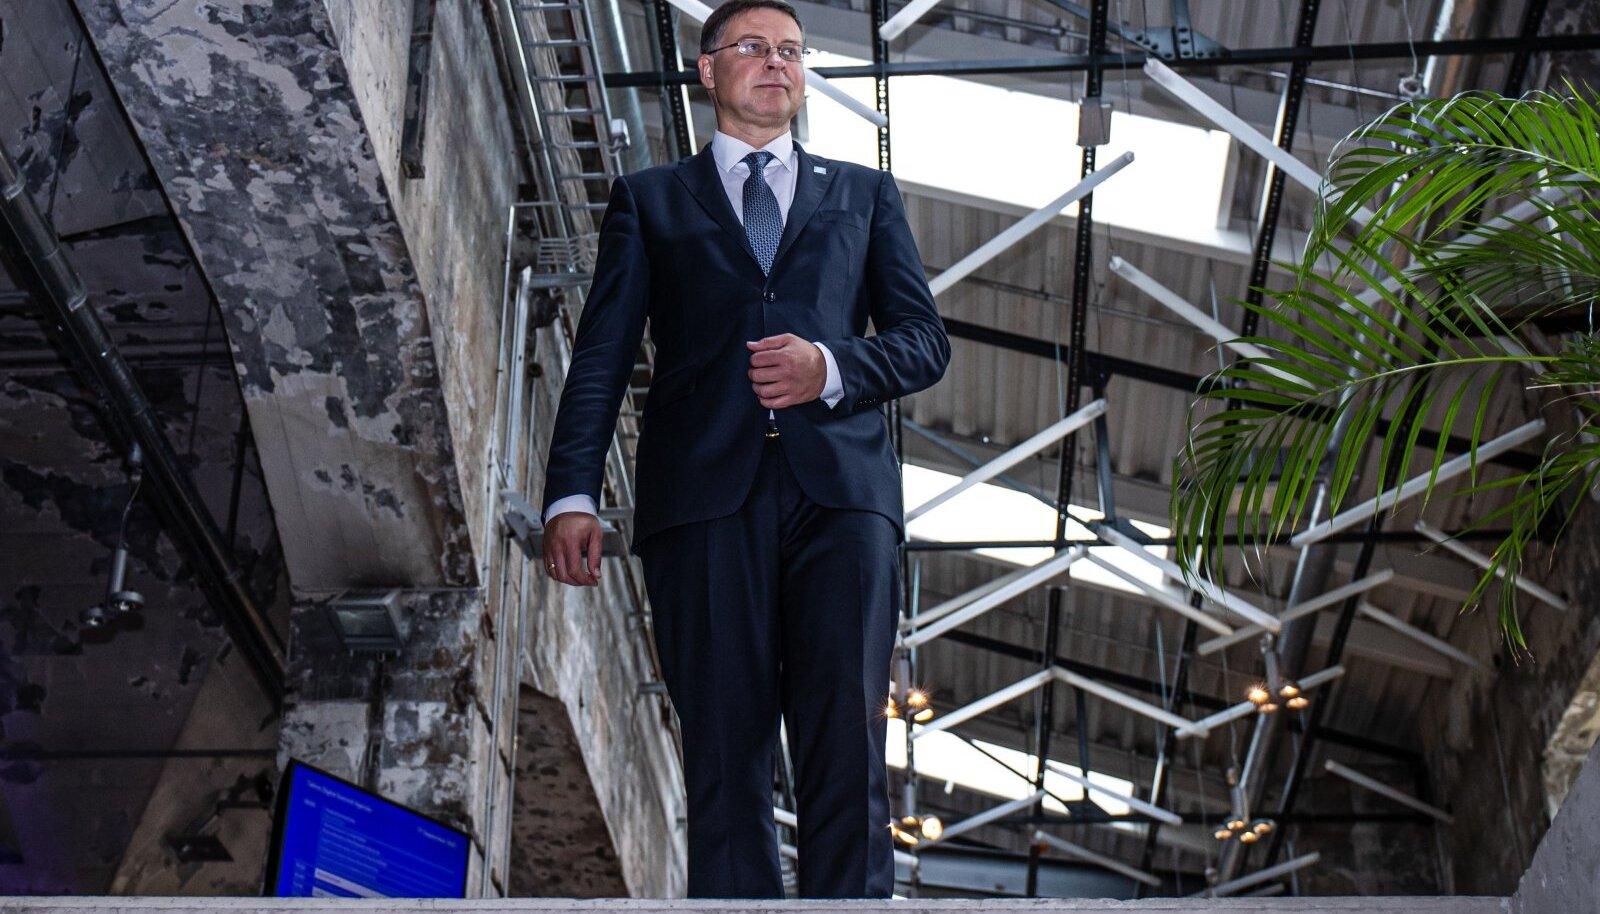 Valdis Dombrovskise sõnul eeldab Euroopa Komisjon, et EL-i majandus tervikuna jõuab kriisieelsele tasemele selle aasta neljandas kvartalis.